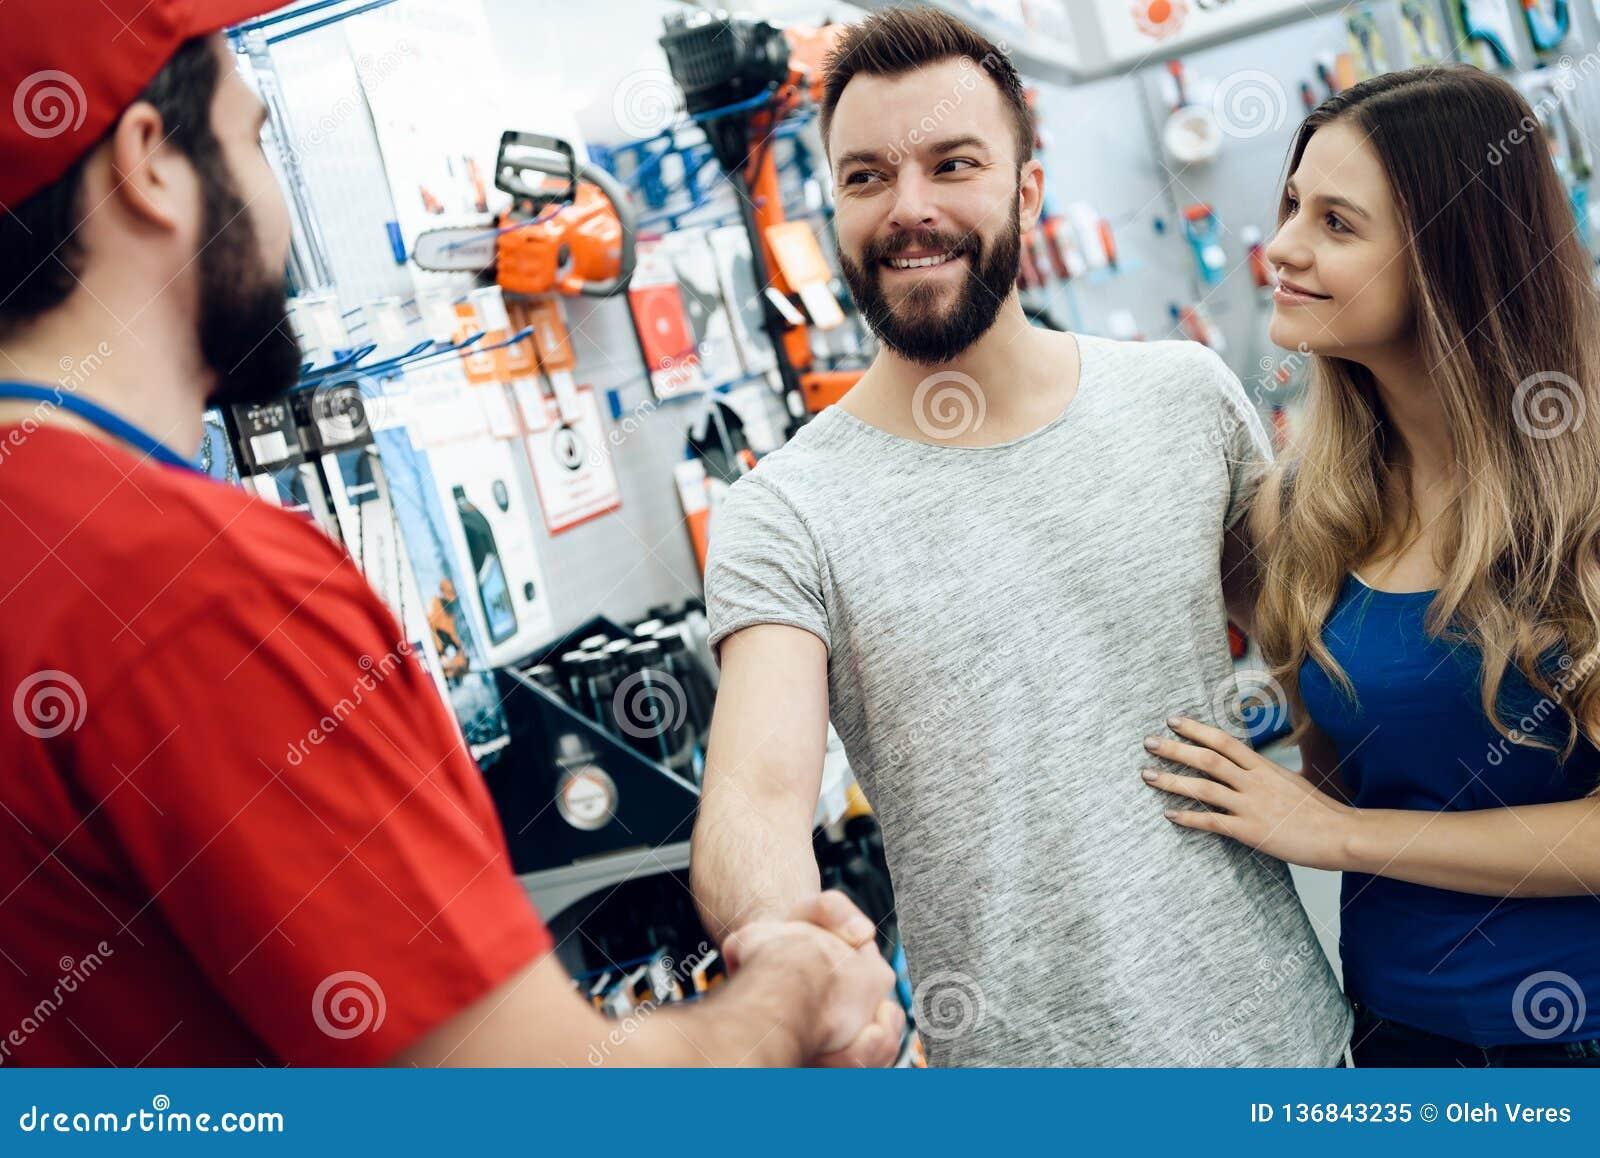 Ο πωλητής τινάζει τα χέρια με το γενειοφόρο πελάτη στο κατάστημα εργαλείων δύναμης